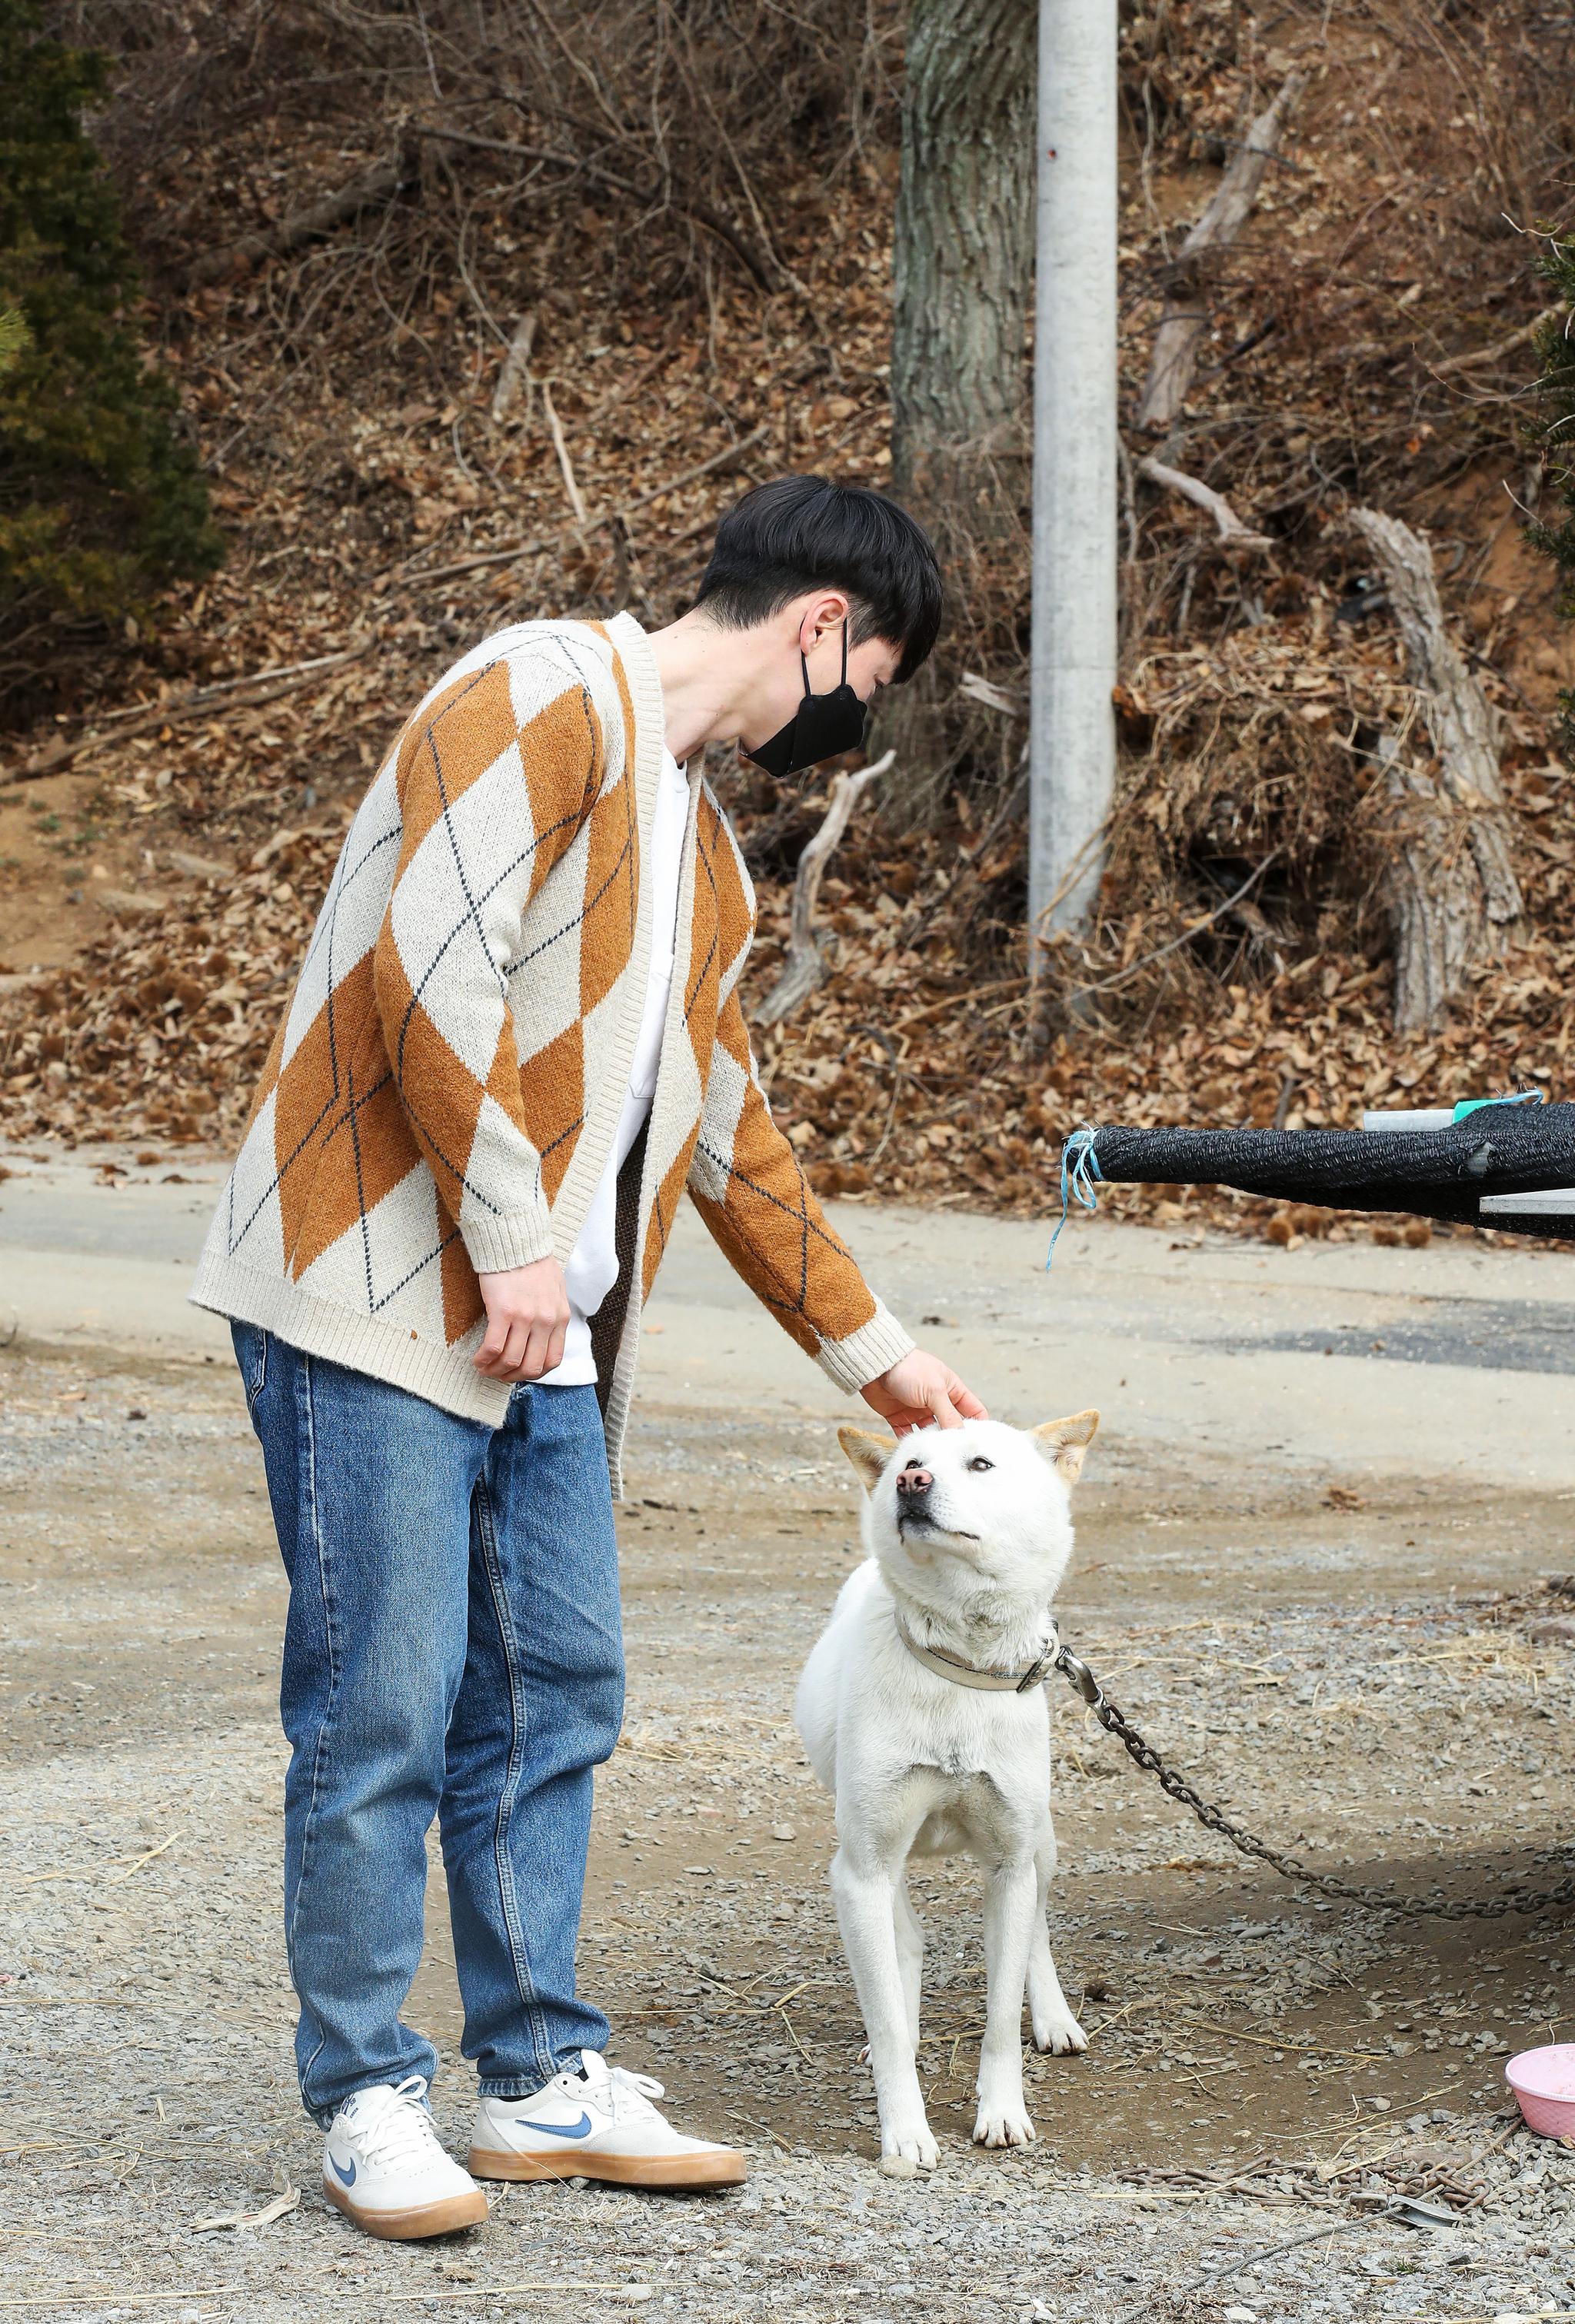 이재승 선우벌꿀 대표의 반려견 베리. 블루베리 농장에서 데려오면서 베리라고 이름을 지었다. 우상조 기자